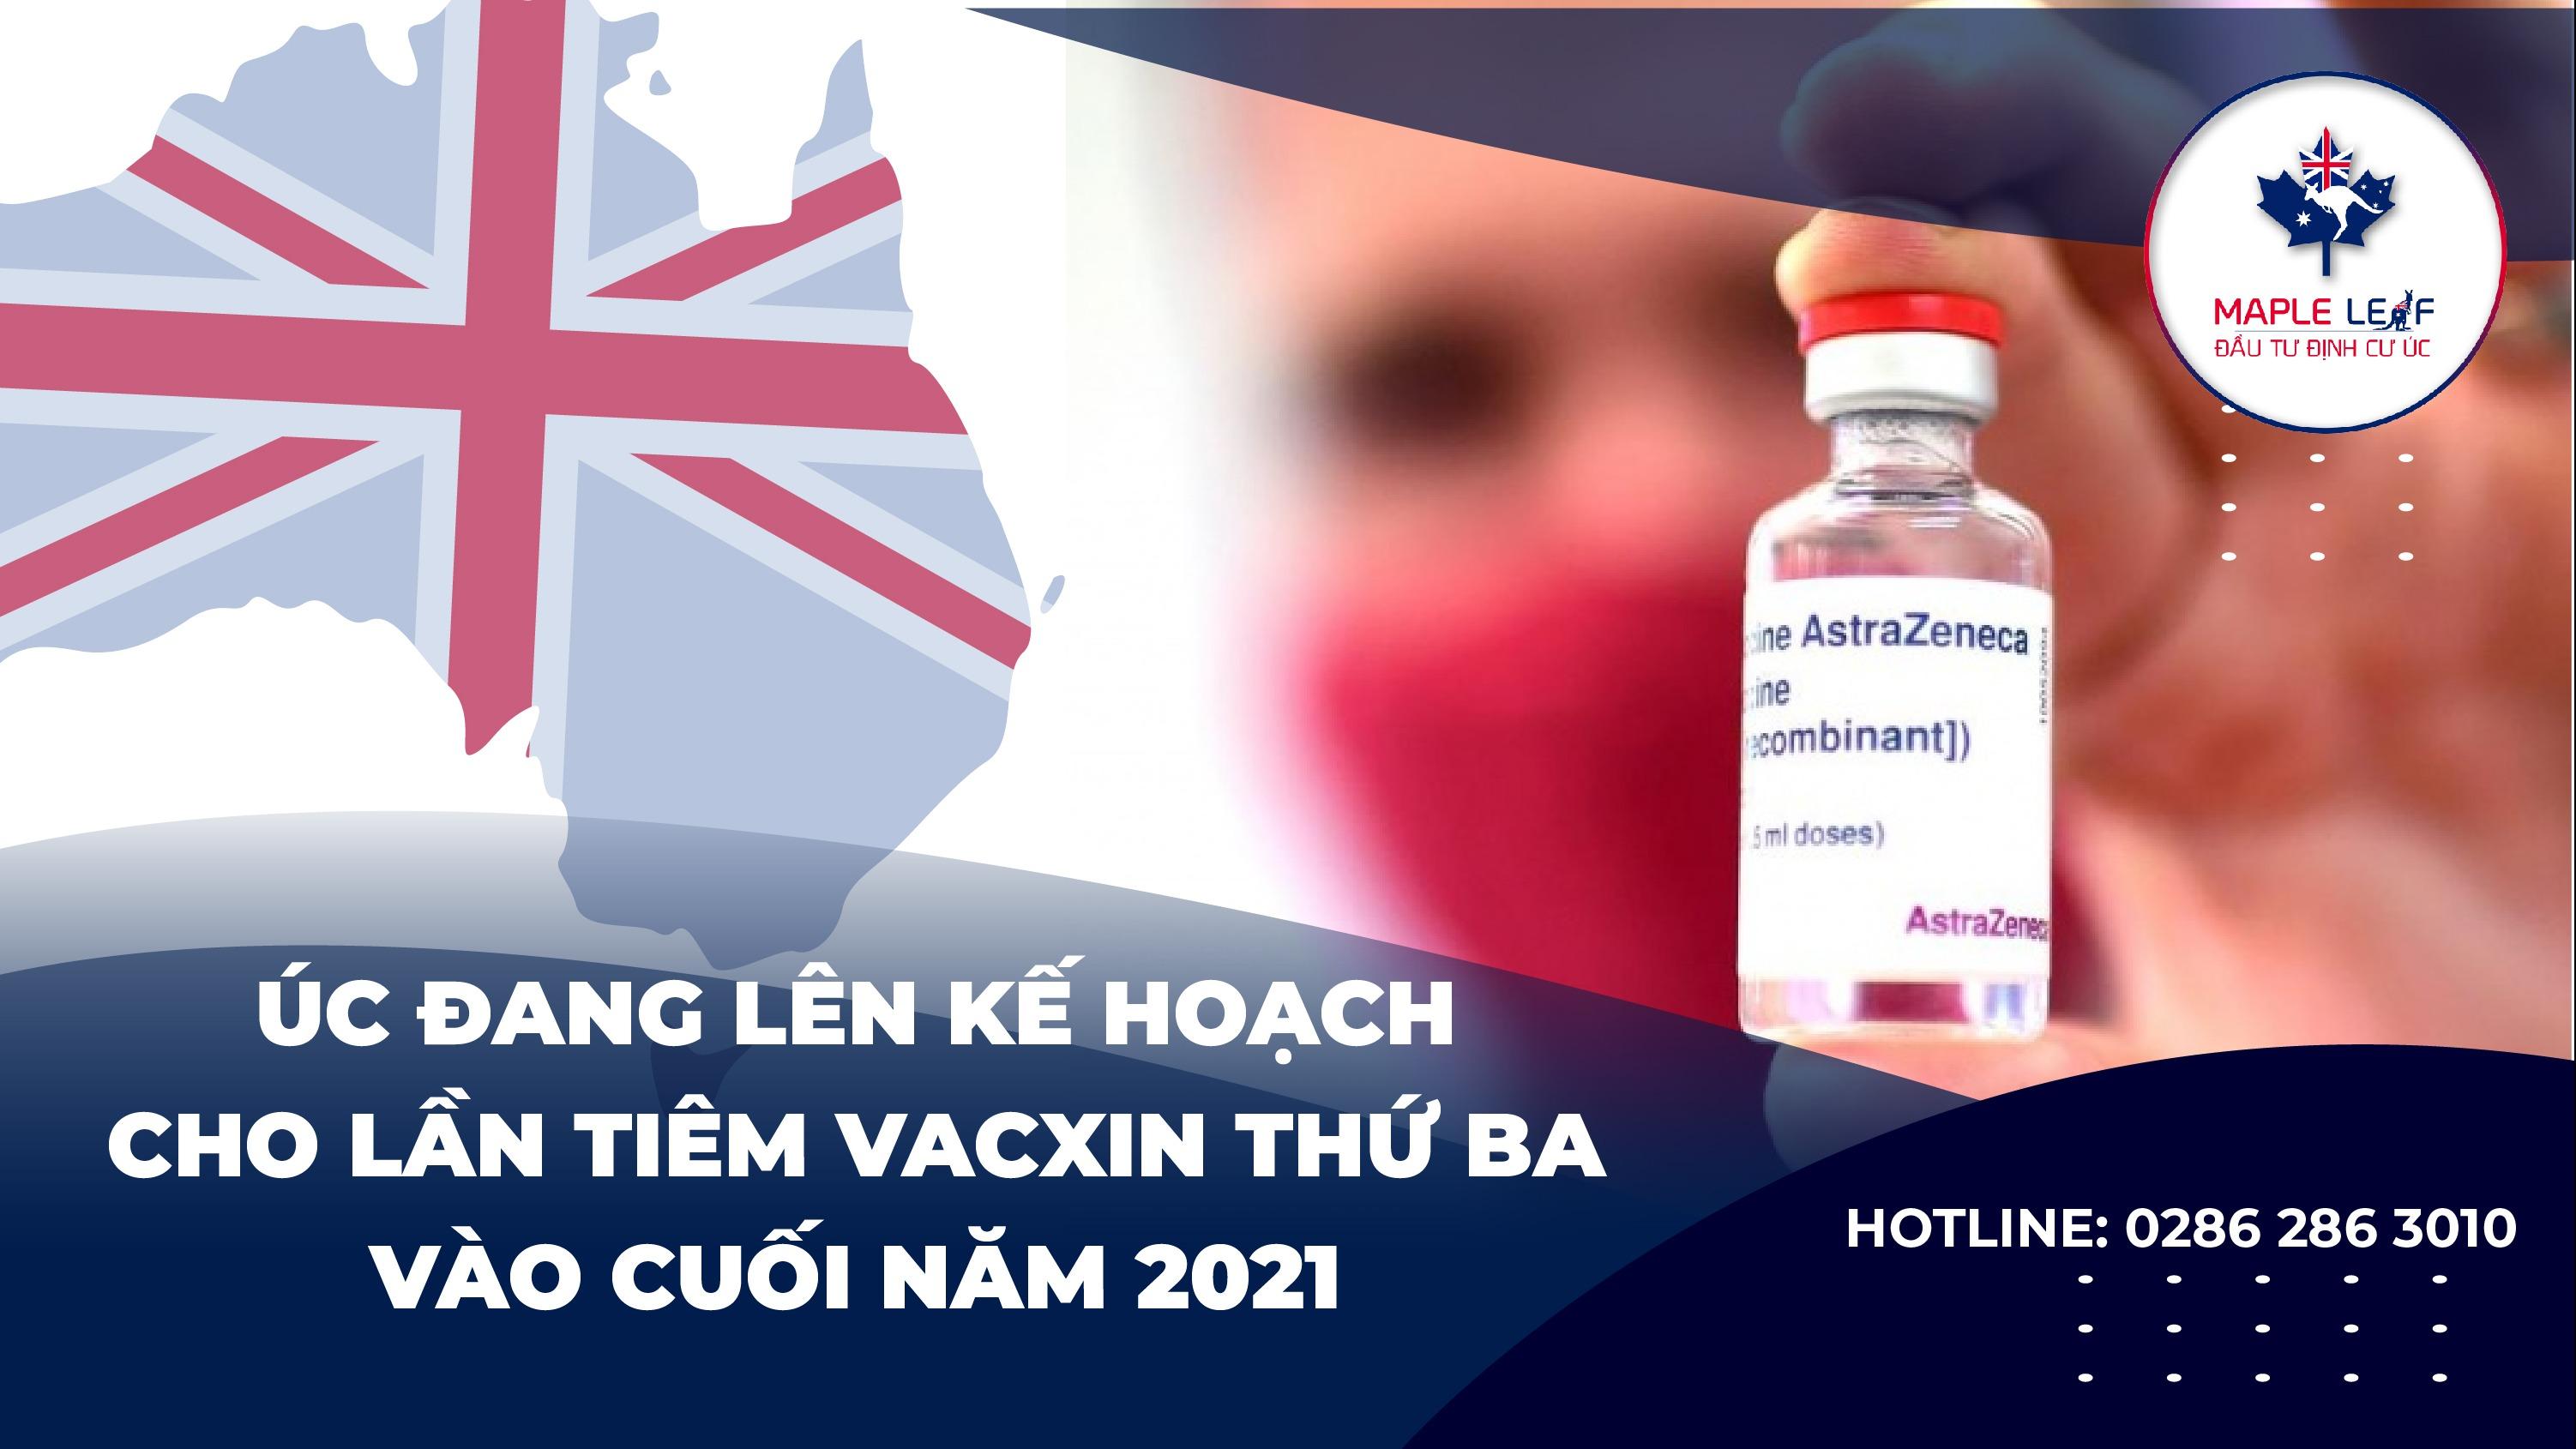 uc-dang-len-ke-hoach-cho-lan-tiem-vaccxin-thu-ba-vao-cuoi-nam-2021